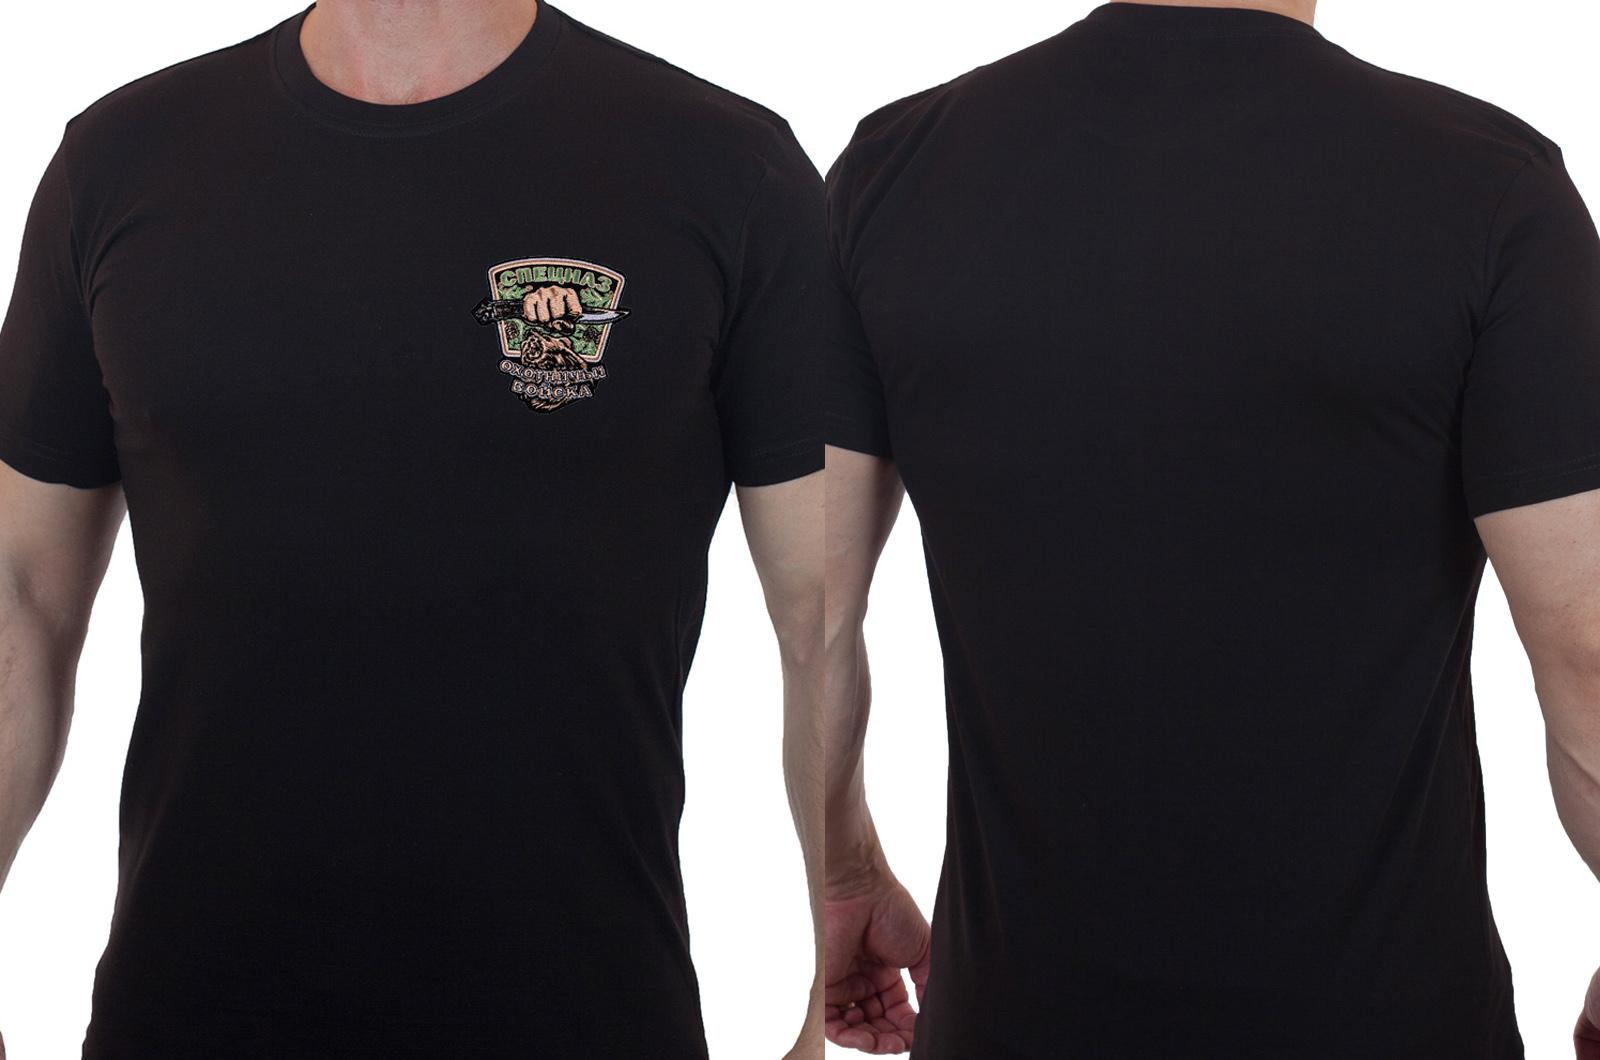 Строгая хлопковая футболка для охотников купить с доставкой